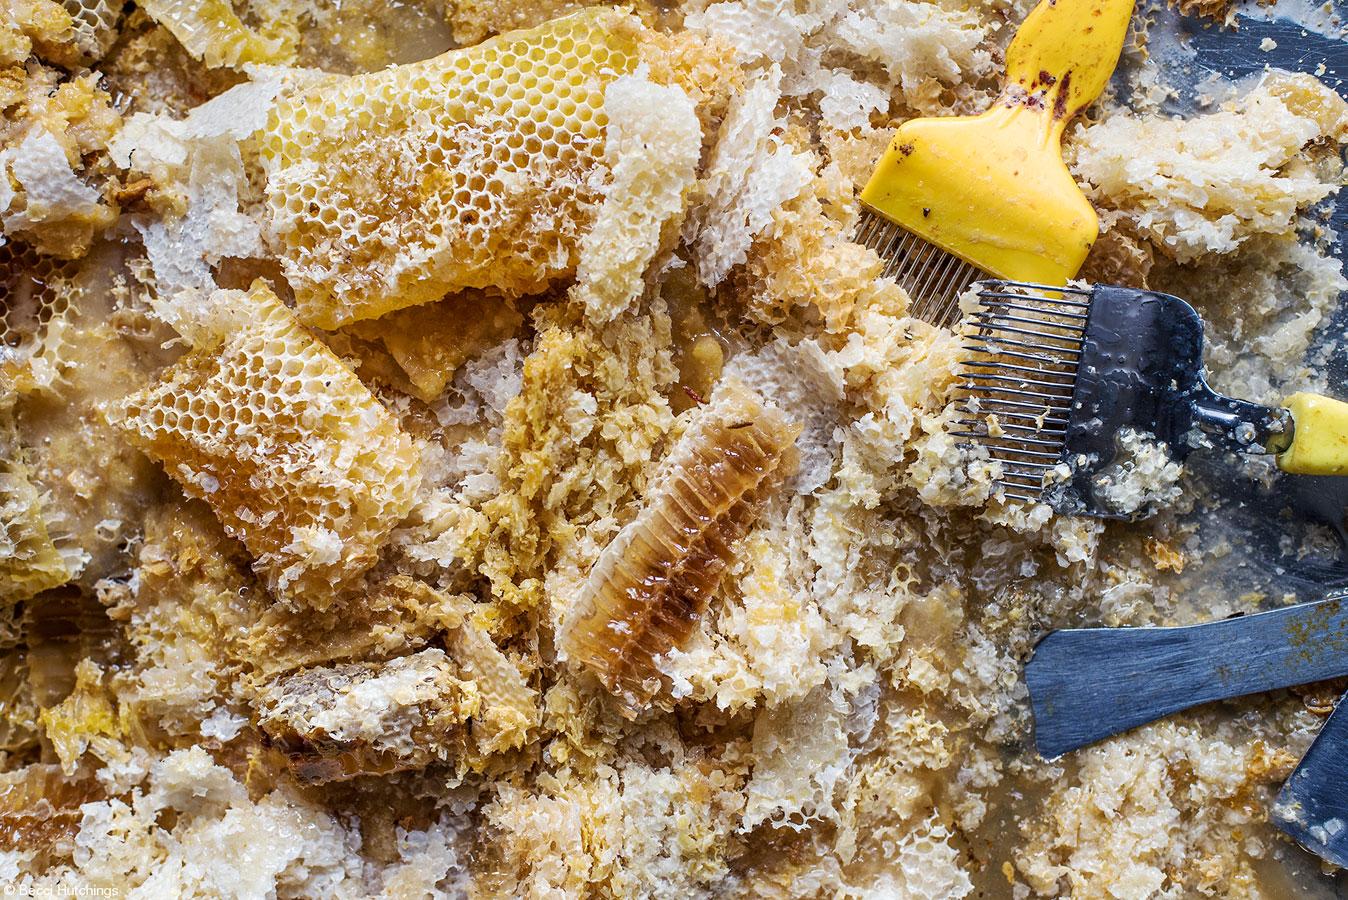 Соты и воск, © Бекки Хатчингс, Великобритания, 1-е место, категория «Студенческий Фуд-фотограф года», Фотоконкурс Pink Lady Food